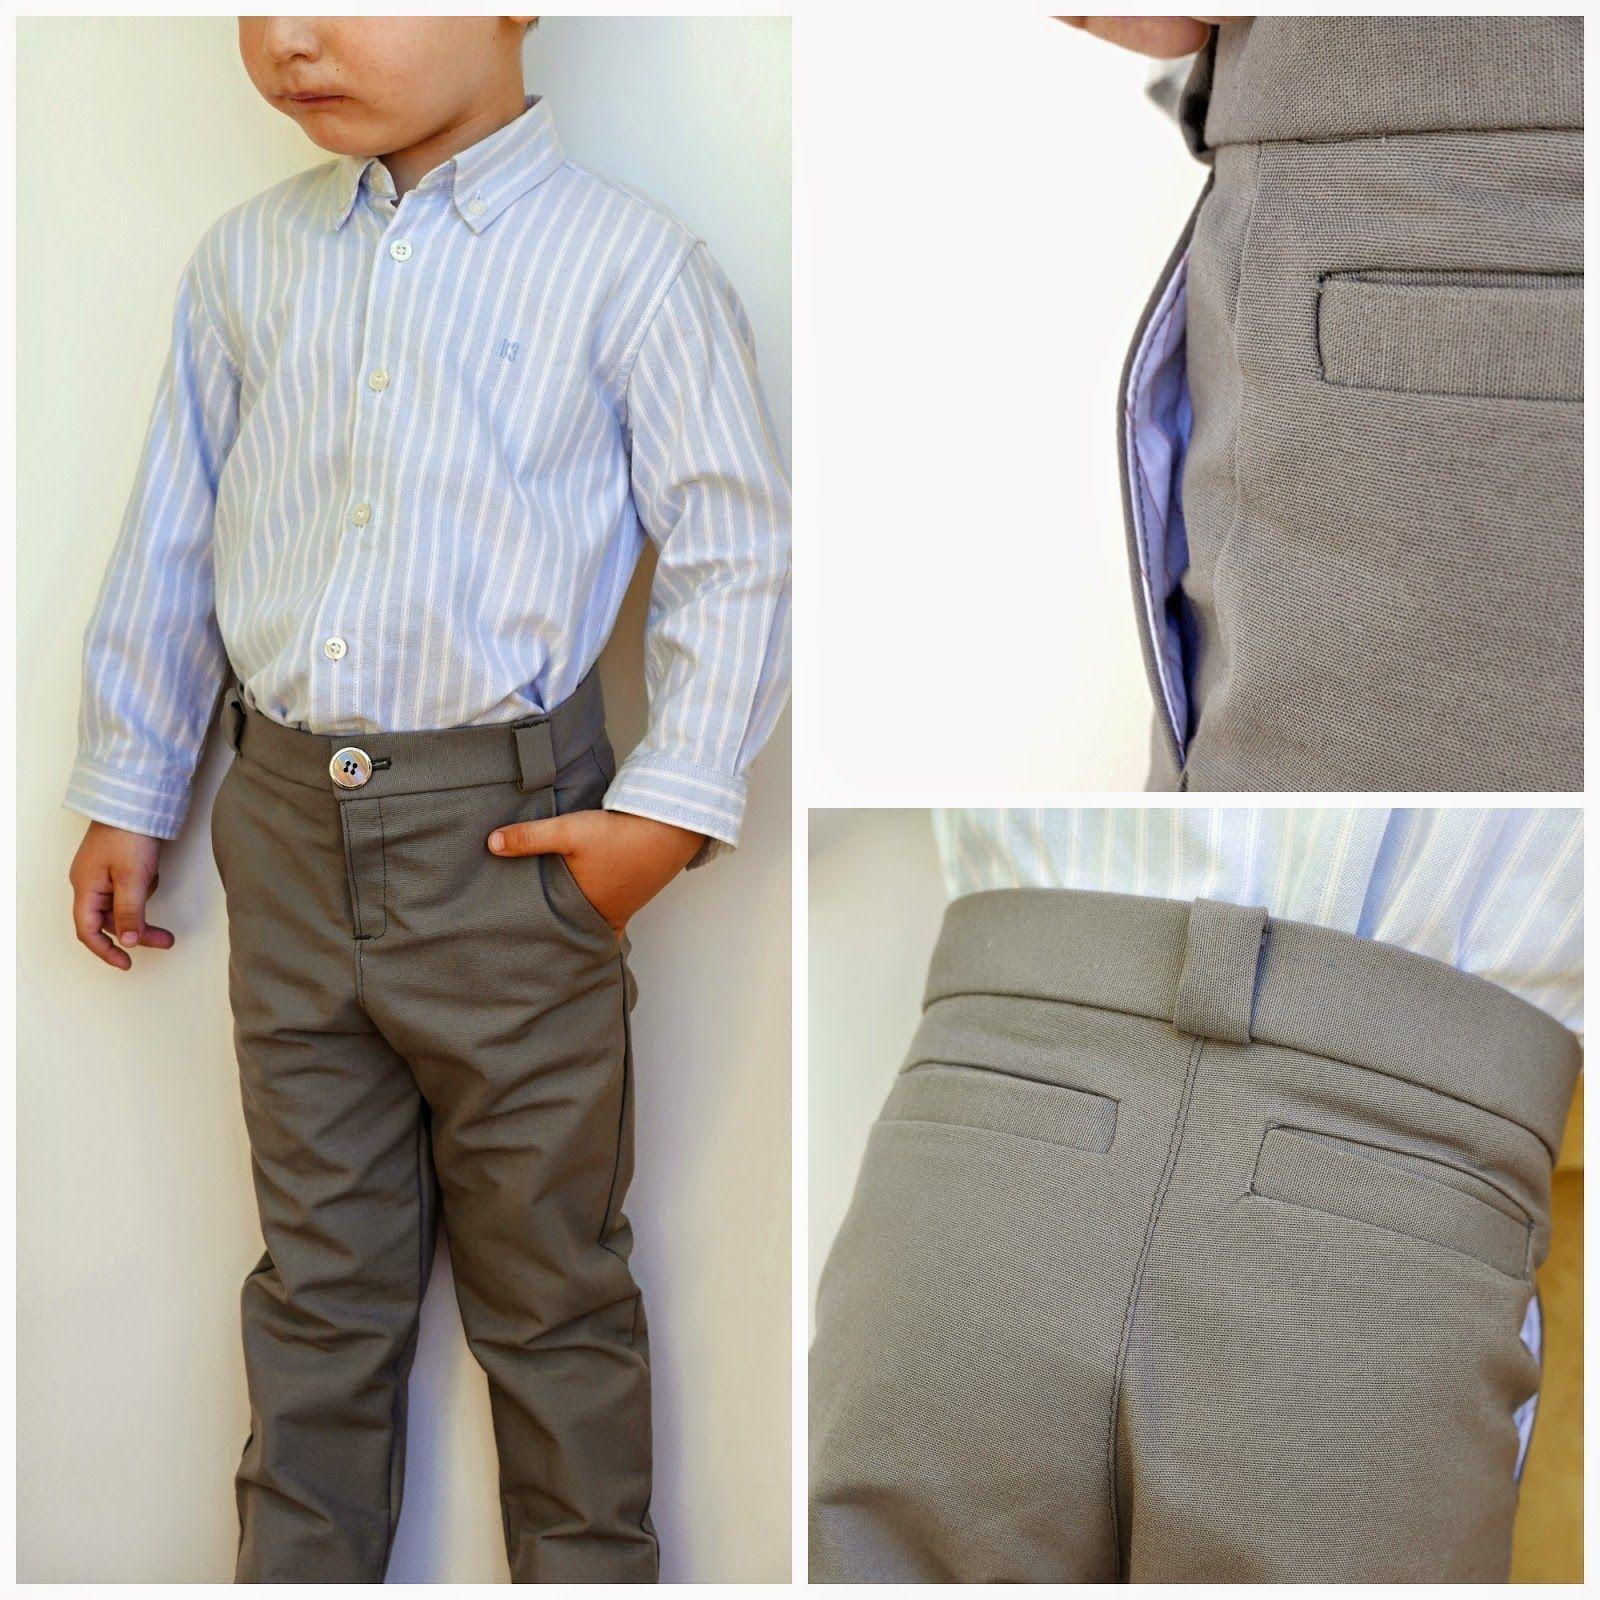 bc8458582 Pantalón de niño con bolsillos laterales | Patrons nens | Pantalones ...